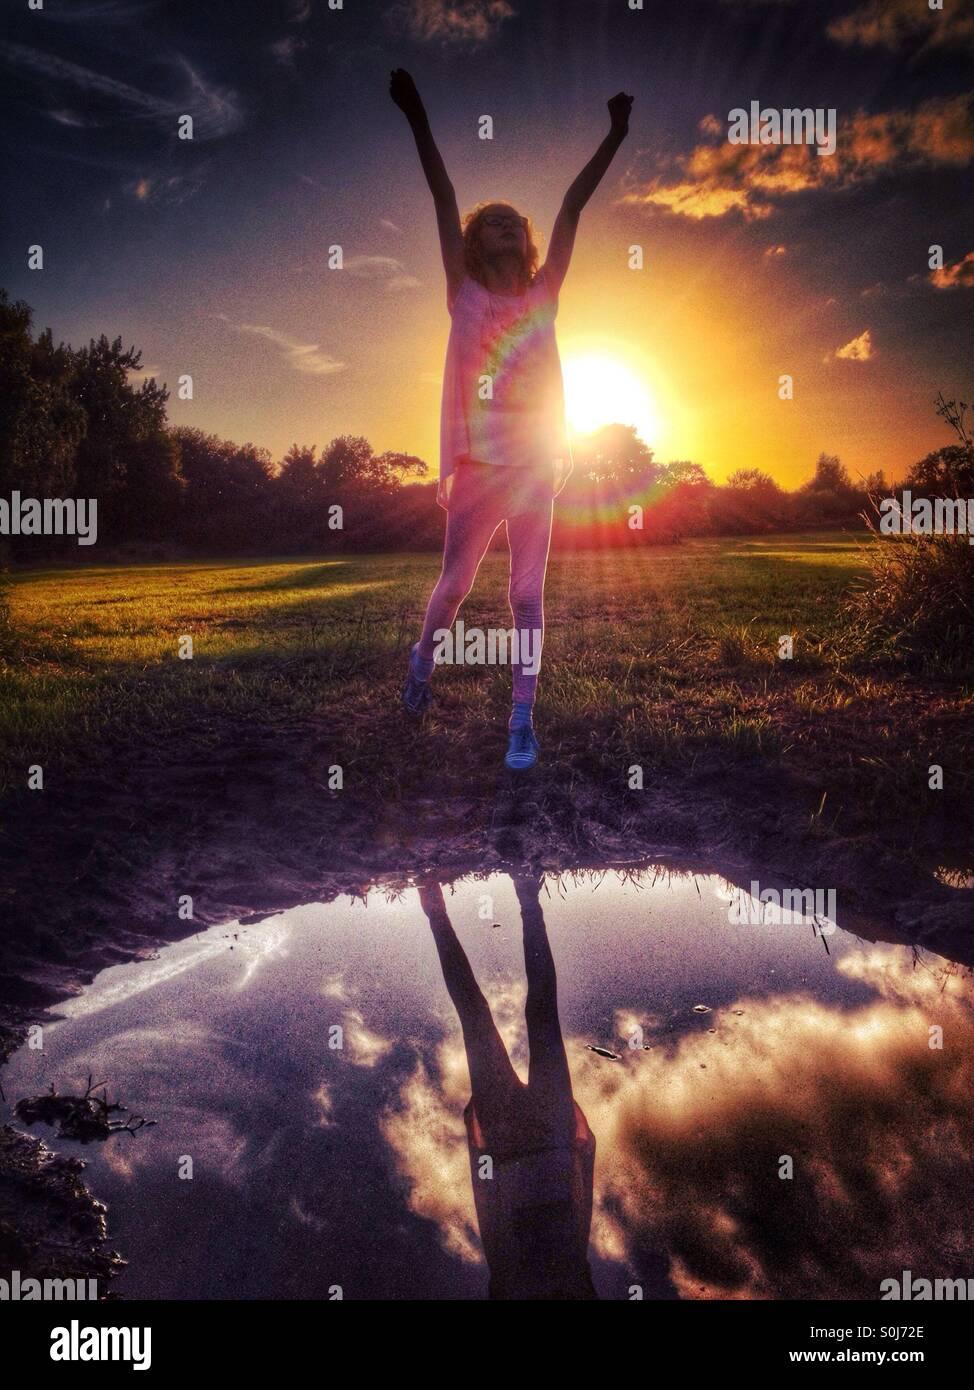 Jeune fille aux bras levés à l'occasion face au soleil couchant Photo Stock